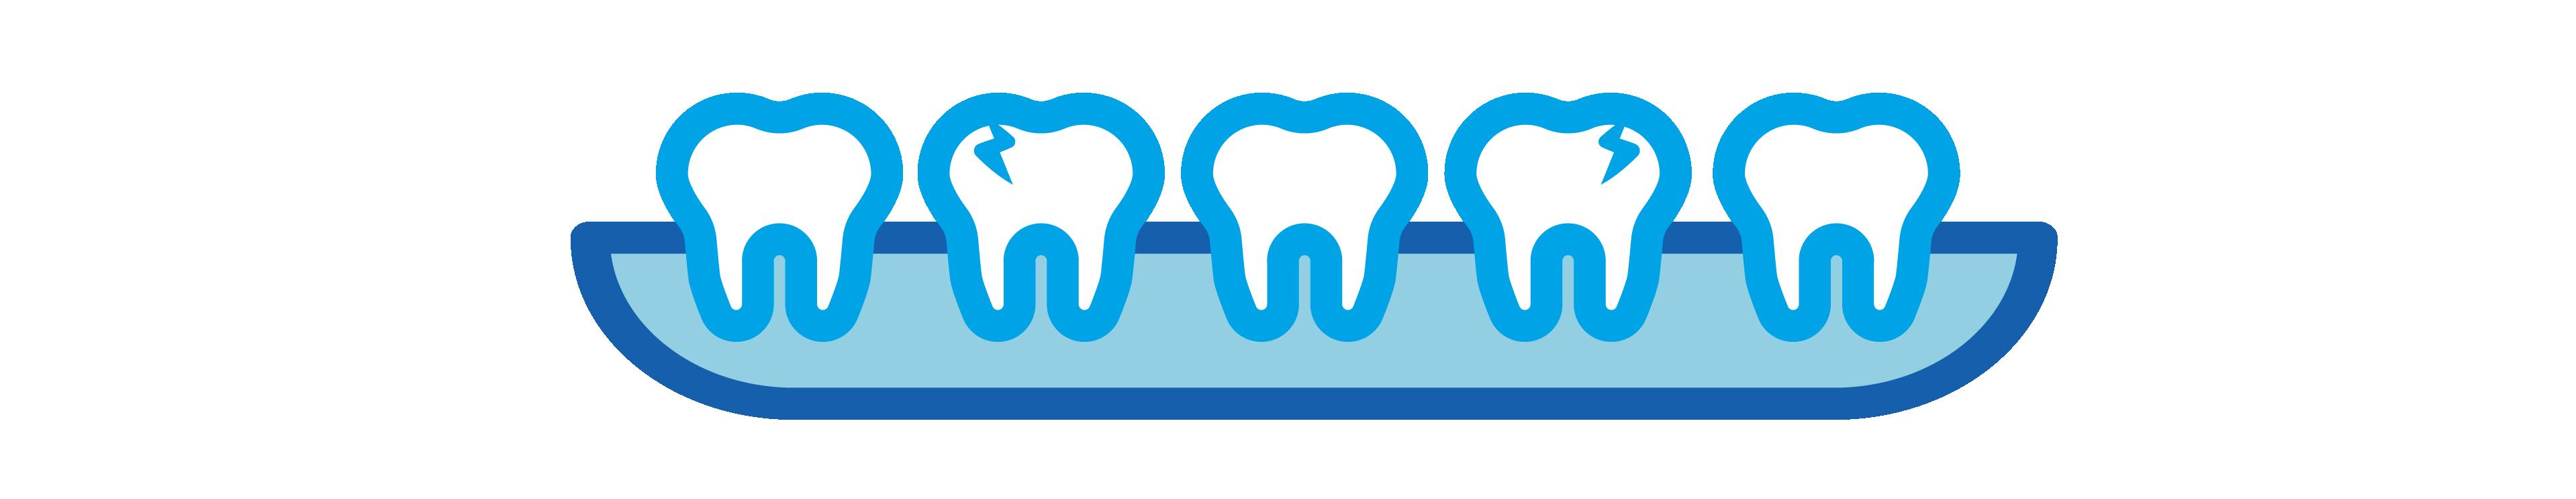 DentalEmergency_Blog_gaphics-05